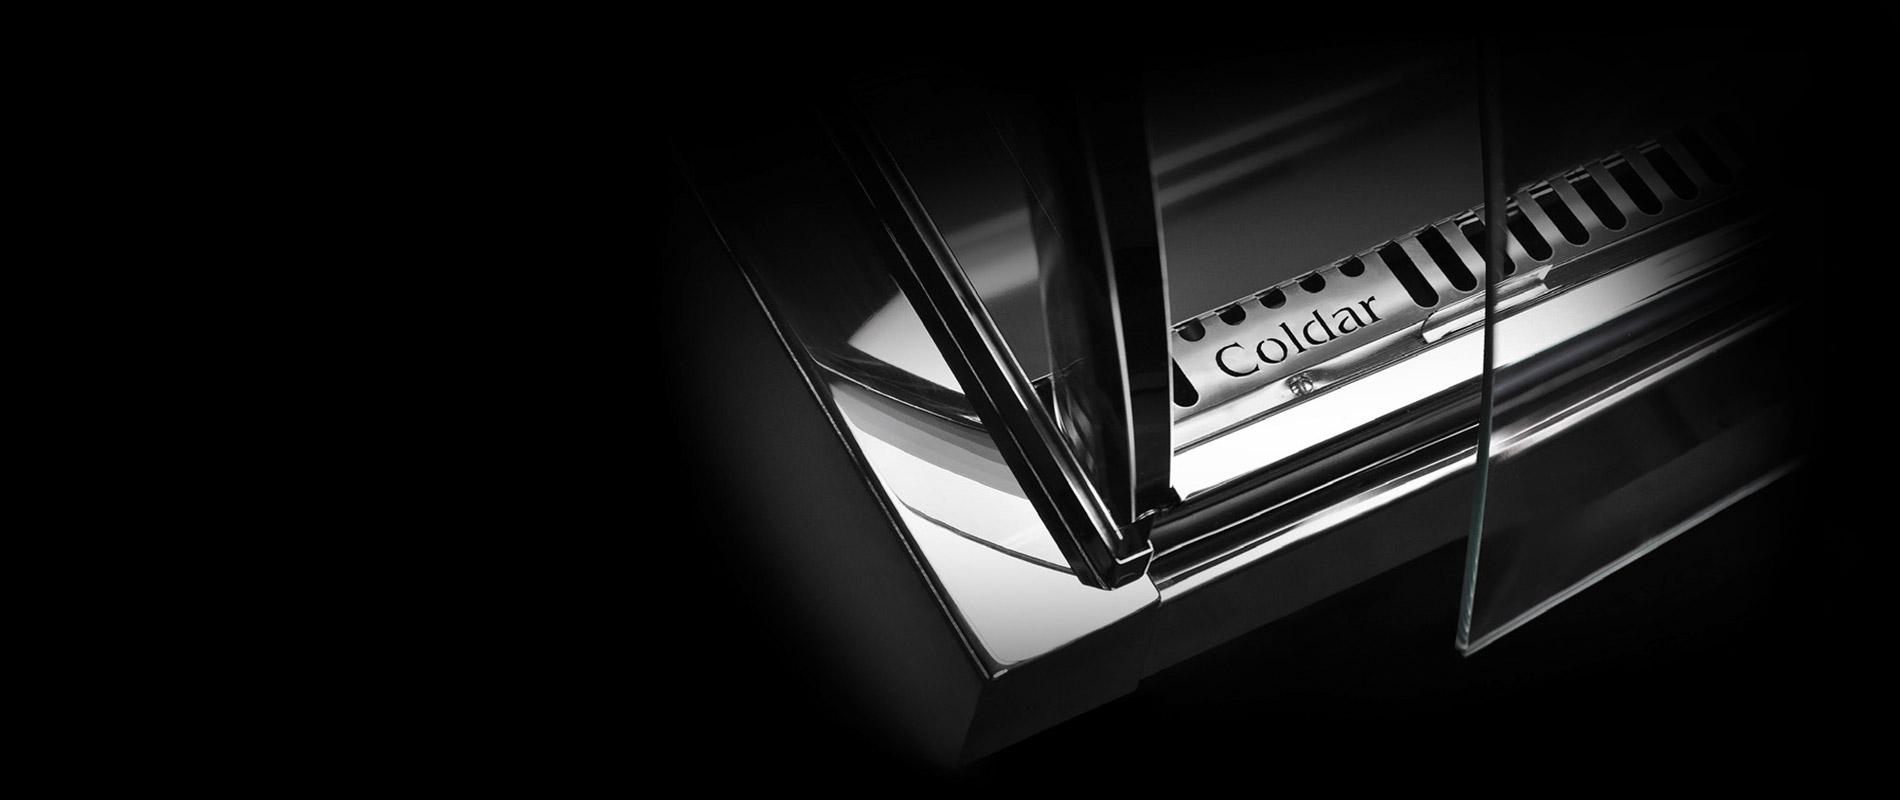 Coldar progetta e produce banchi frigoriferi interamente in acciaio inossidabile